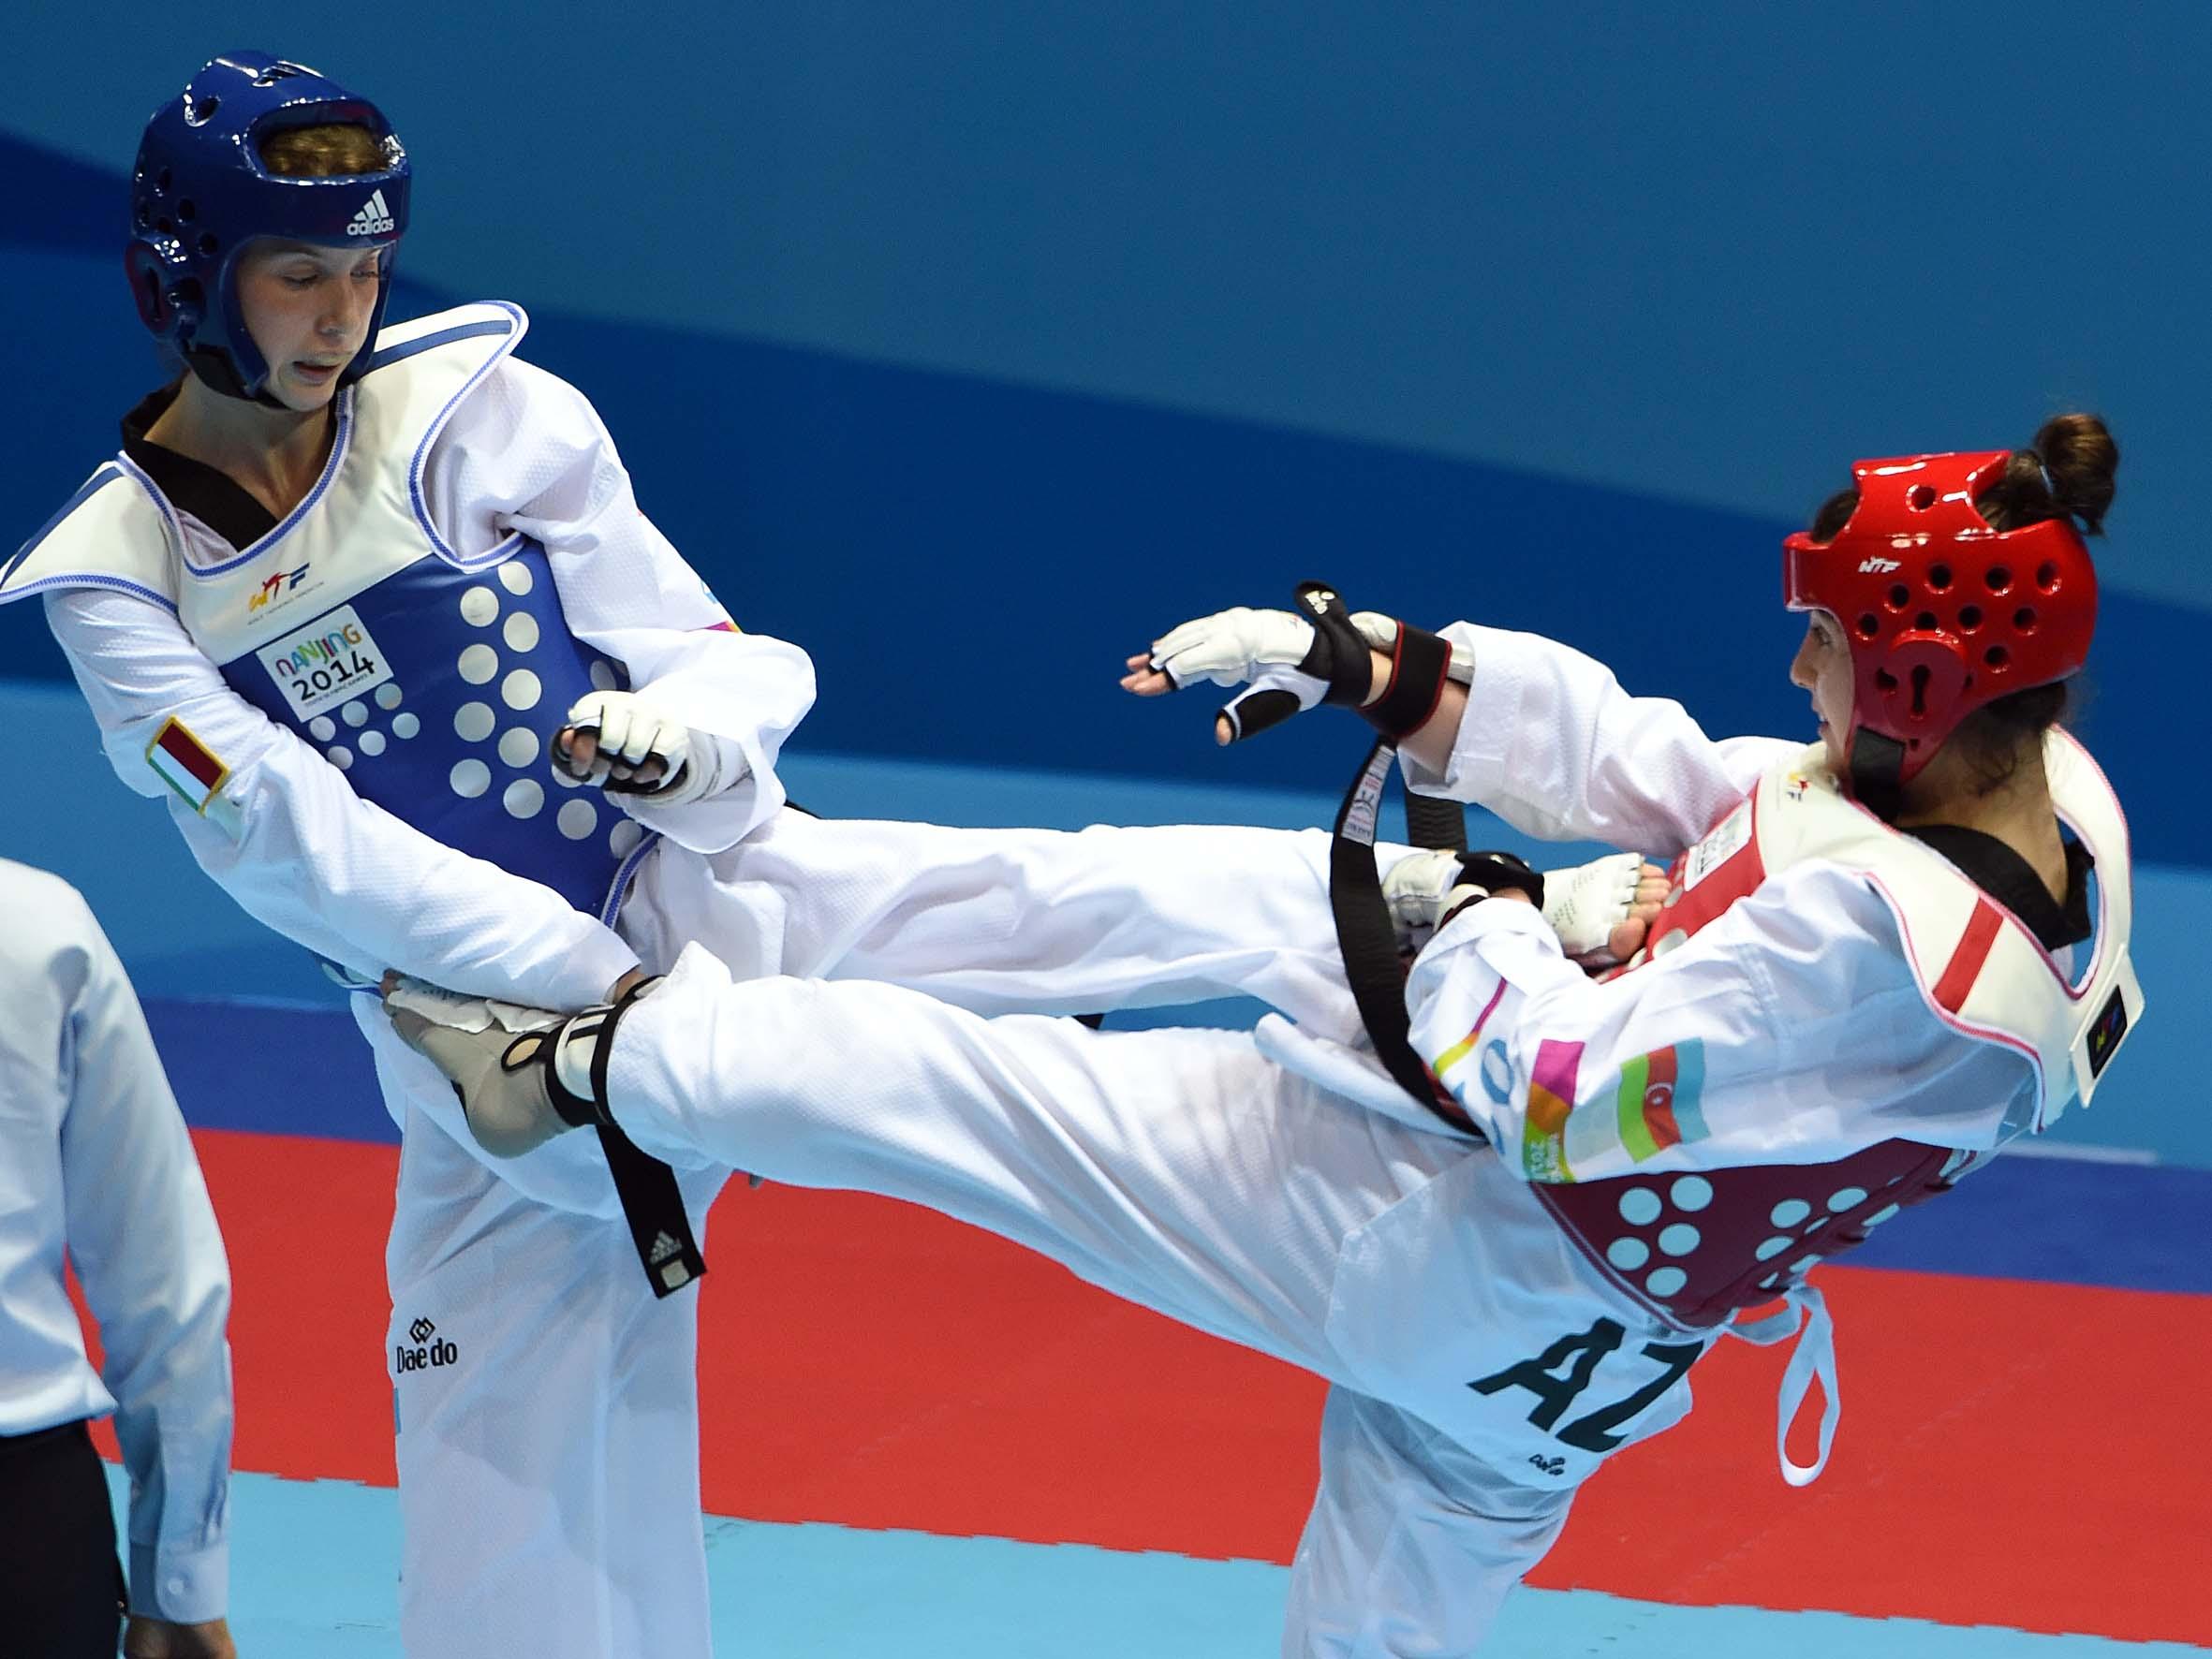 Taekwondo-55 Kg Donne 08